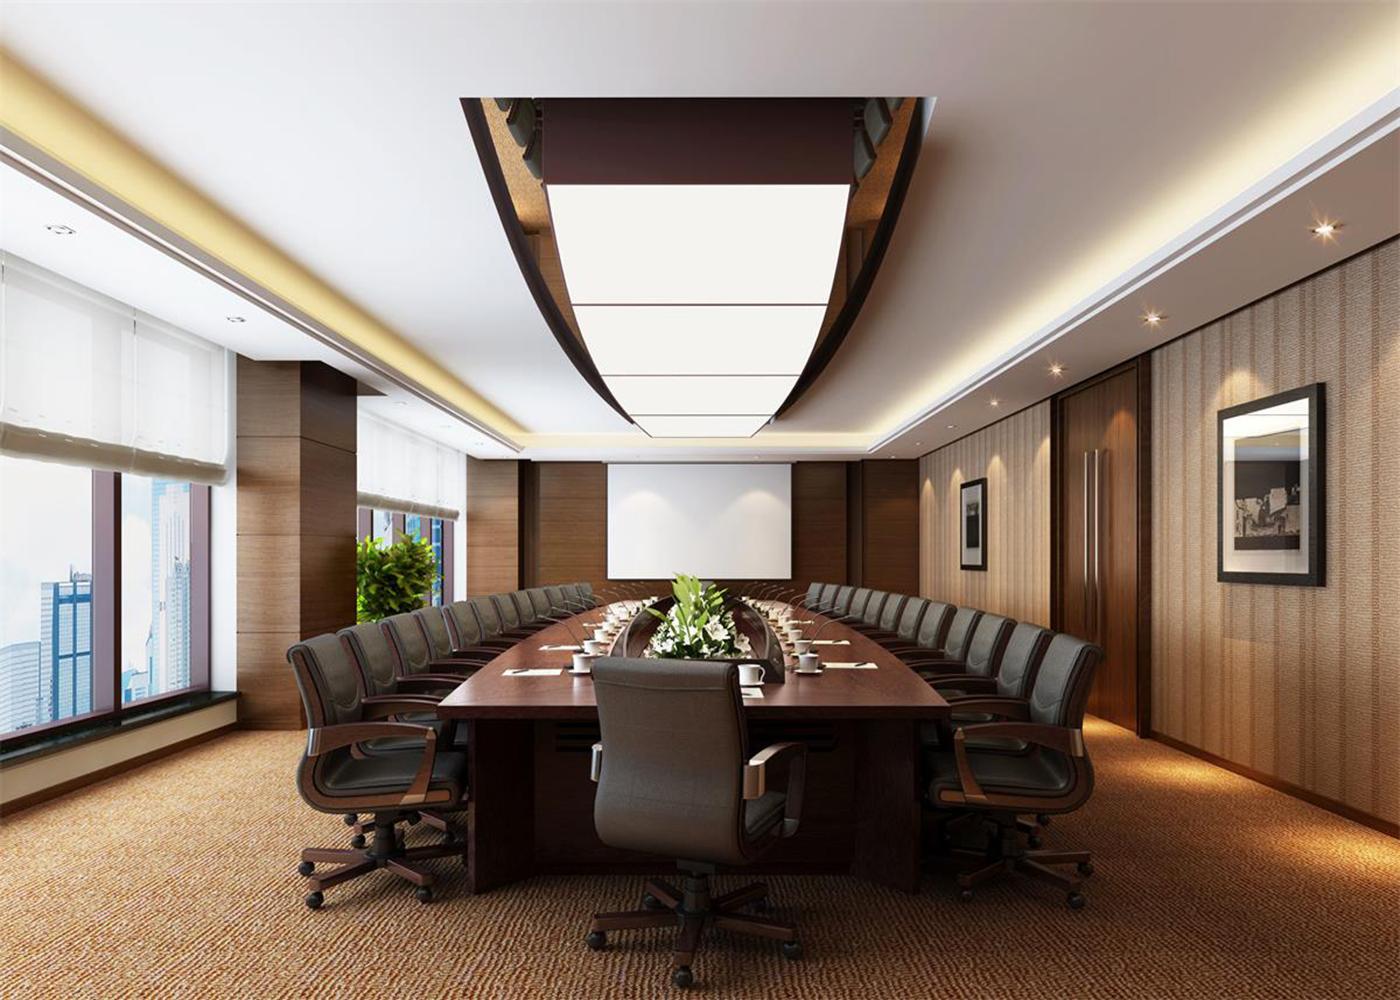 雷蒂斯会议桌A03,上海会议桌,【尺寸 价格 图片 品牌】